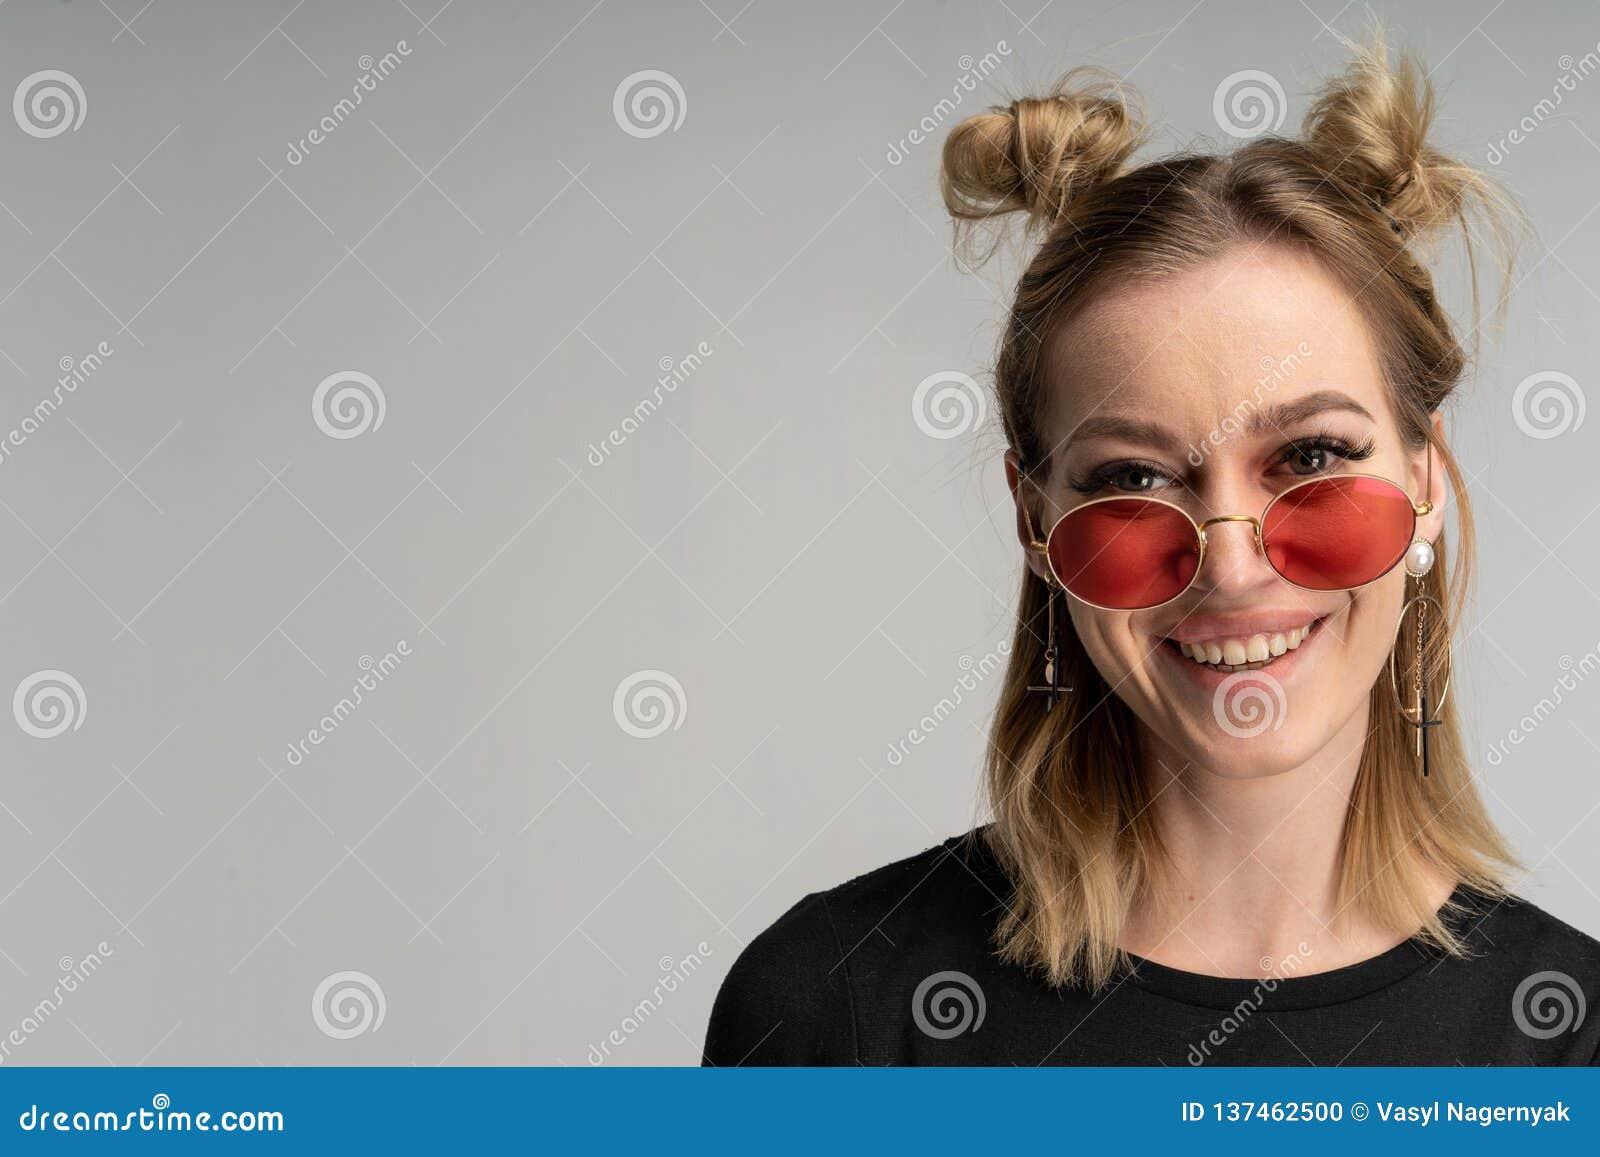 Retrato de la muchacha rubia joven hermosa en vestido negro y gafas de sol redondas